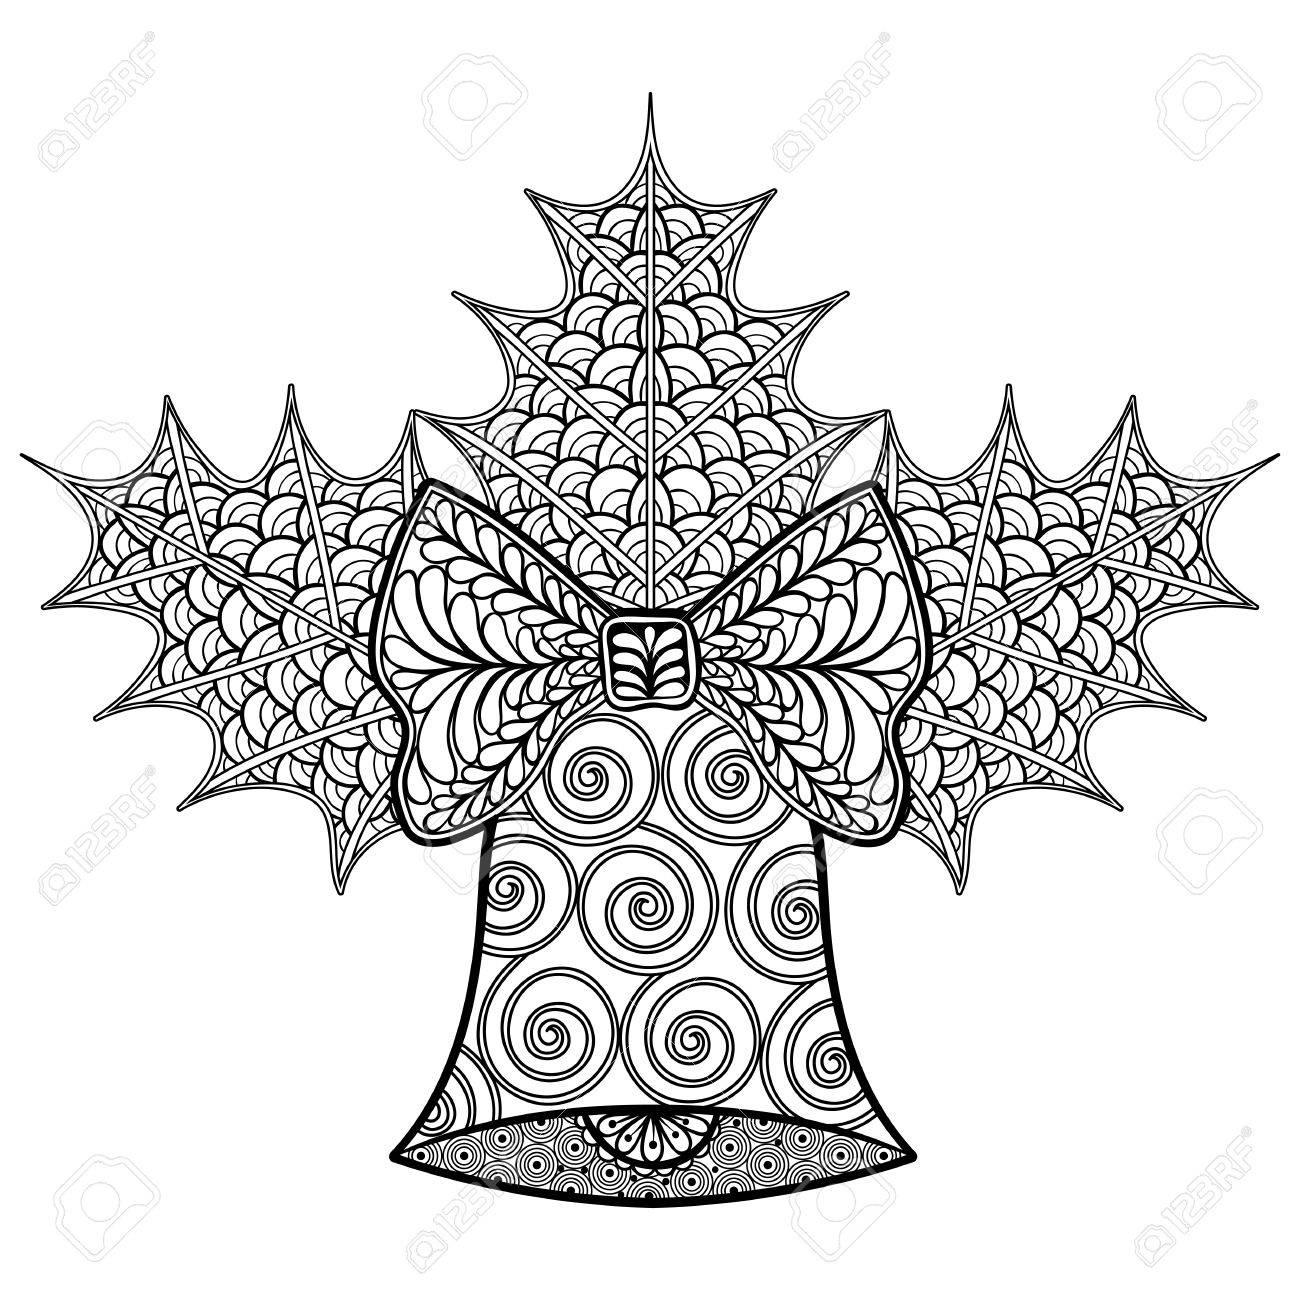 Dibujos Para Colorear De Navidad Con Campana Decorativa Y El ...